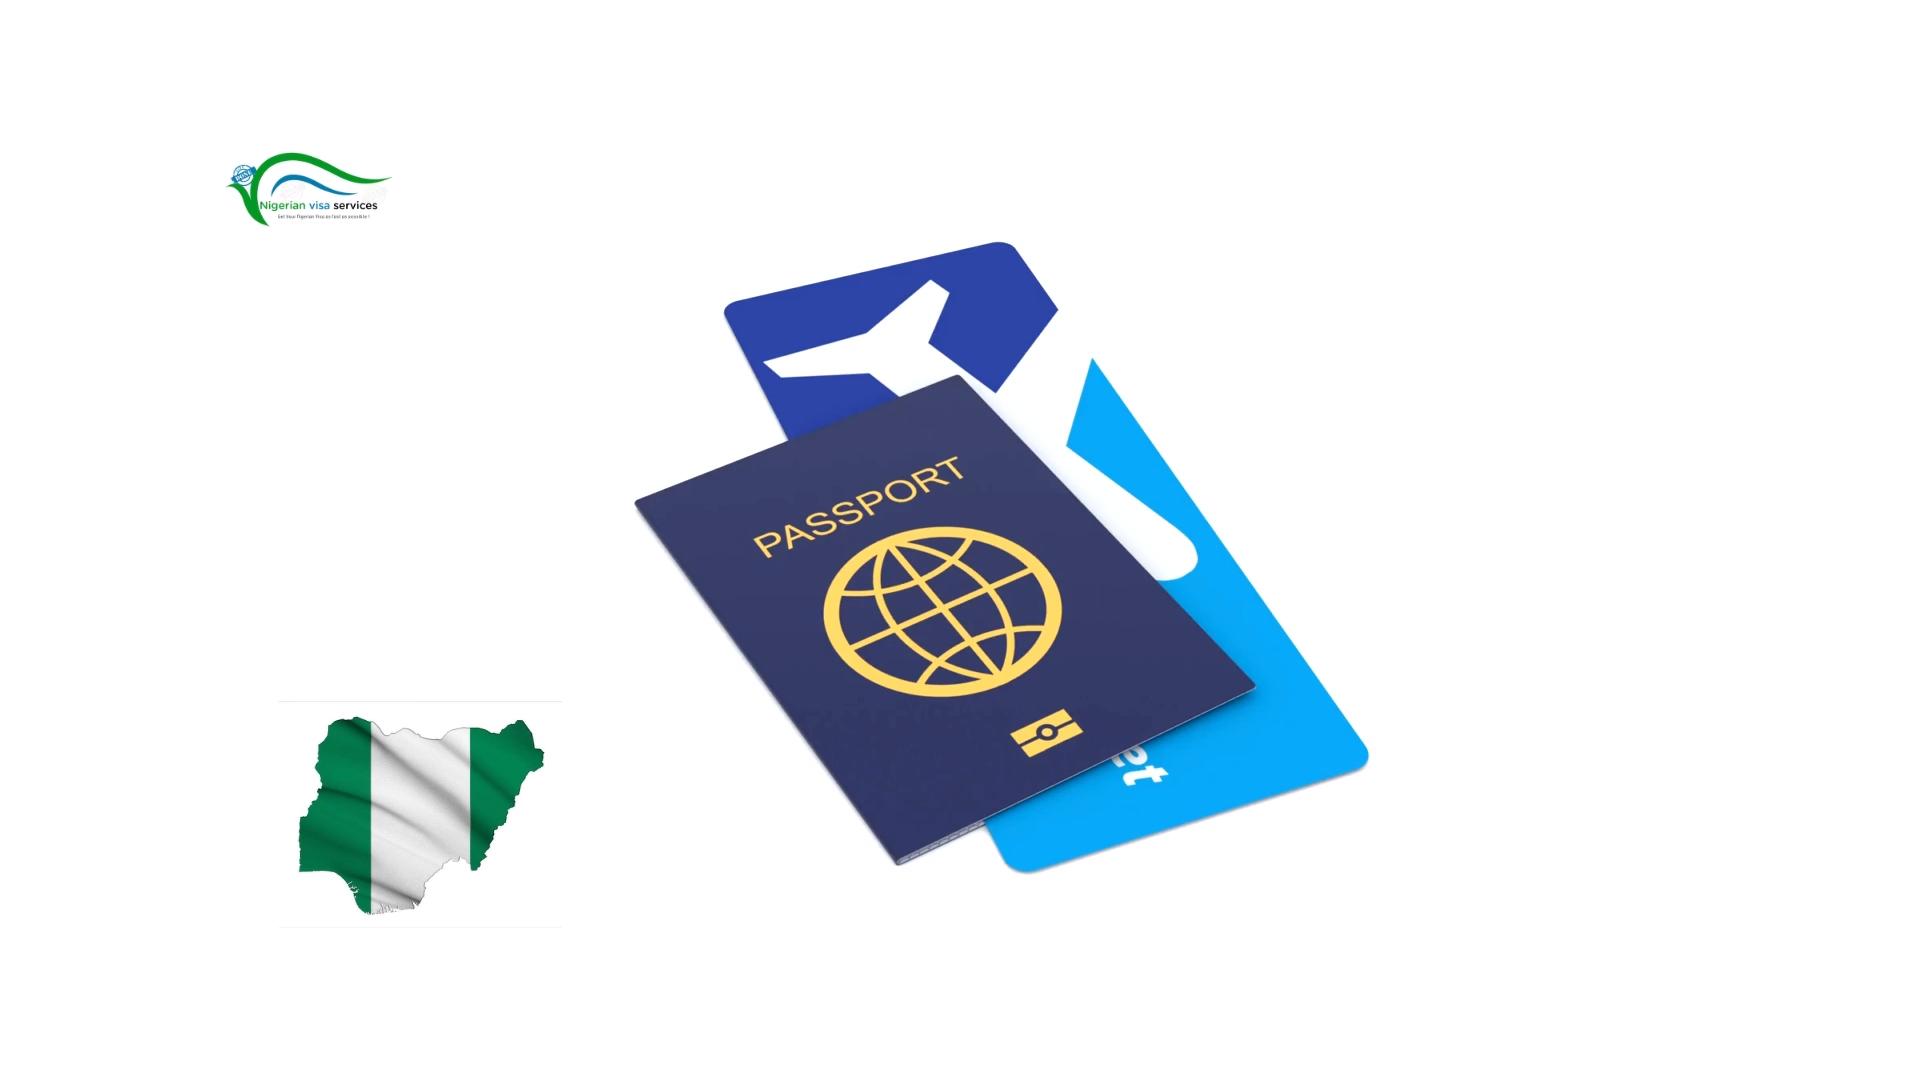 15a3c0e825ac58d08c68ffa2f4938009 - How Long Does A Nigerian Visa Take To Get